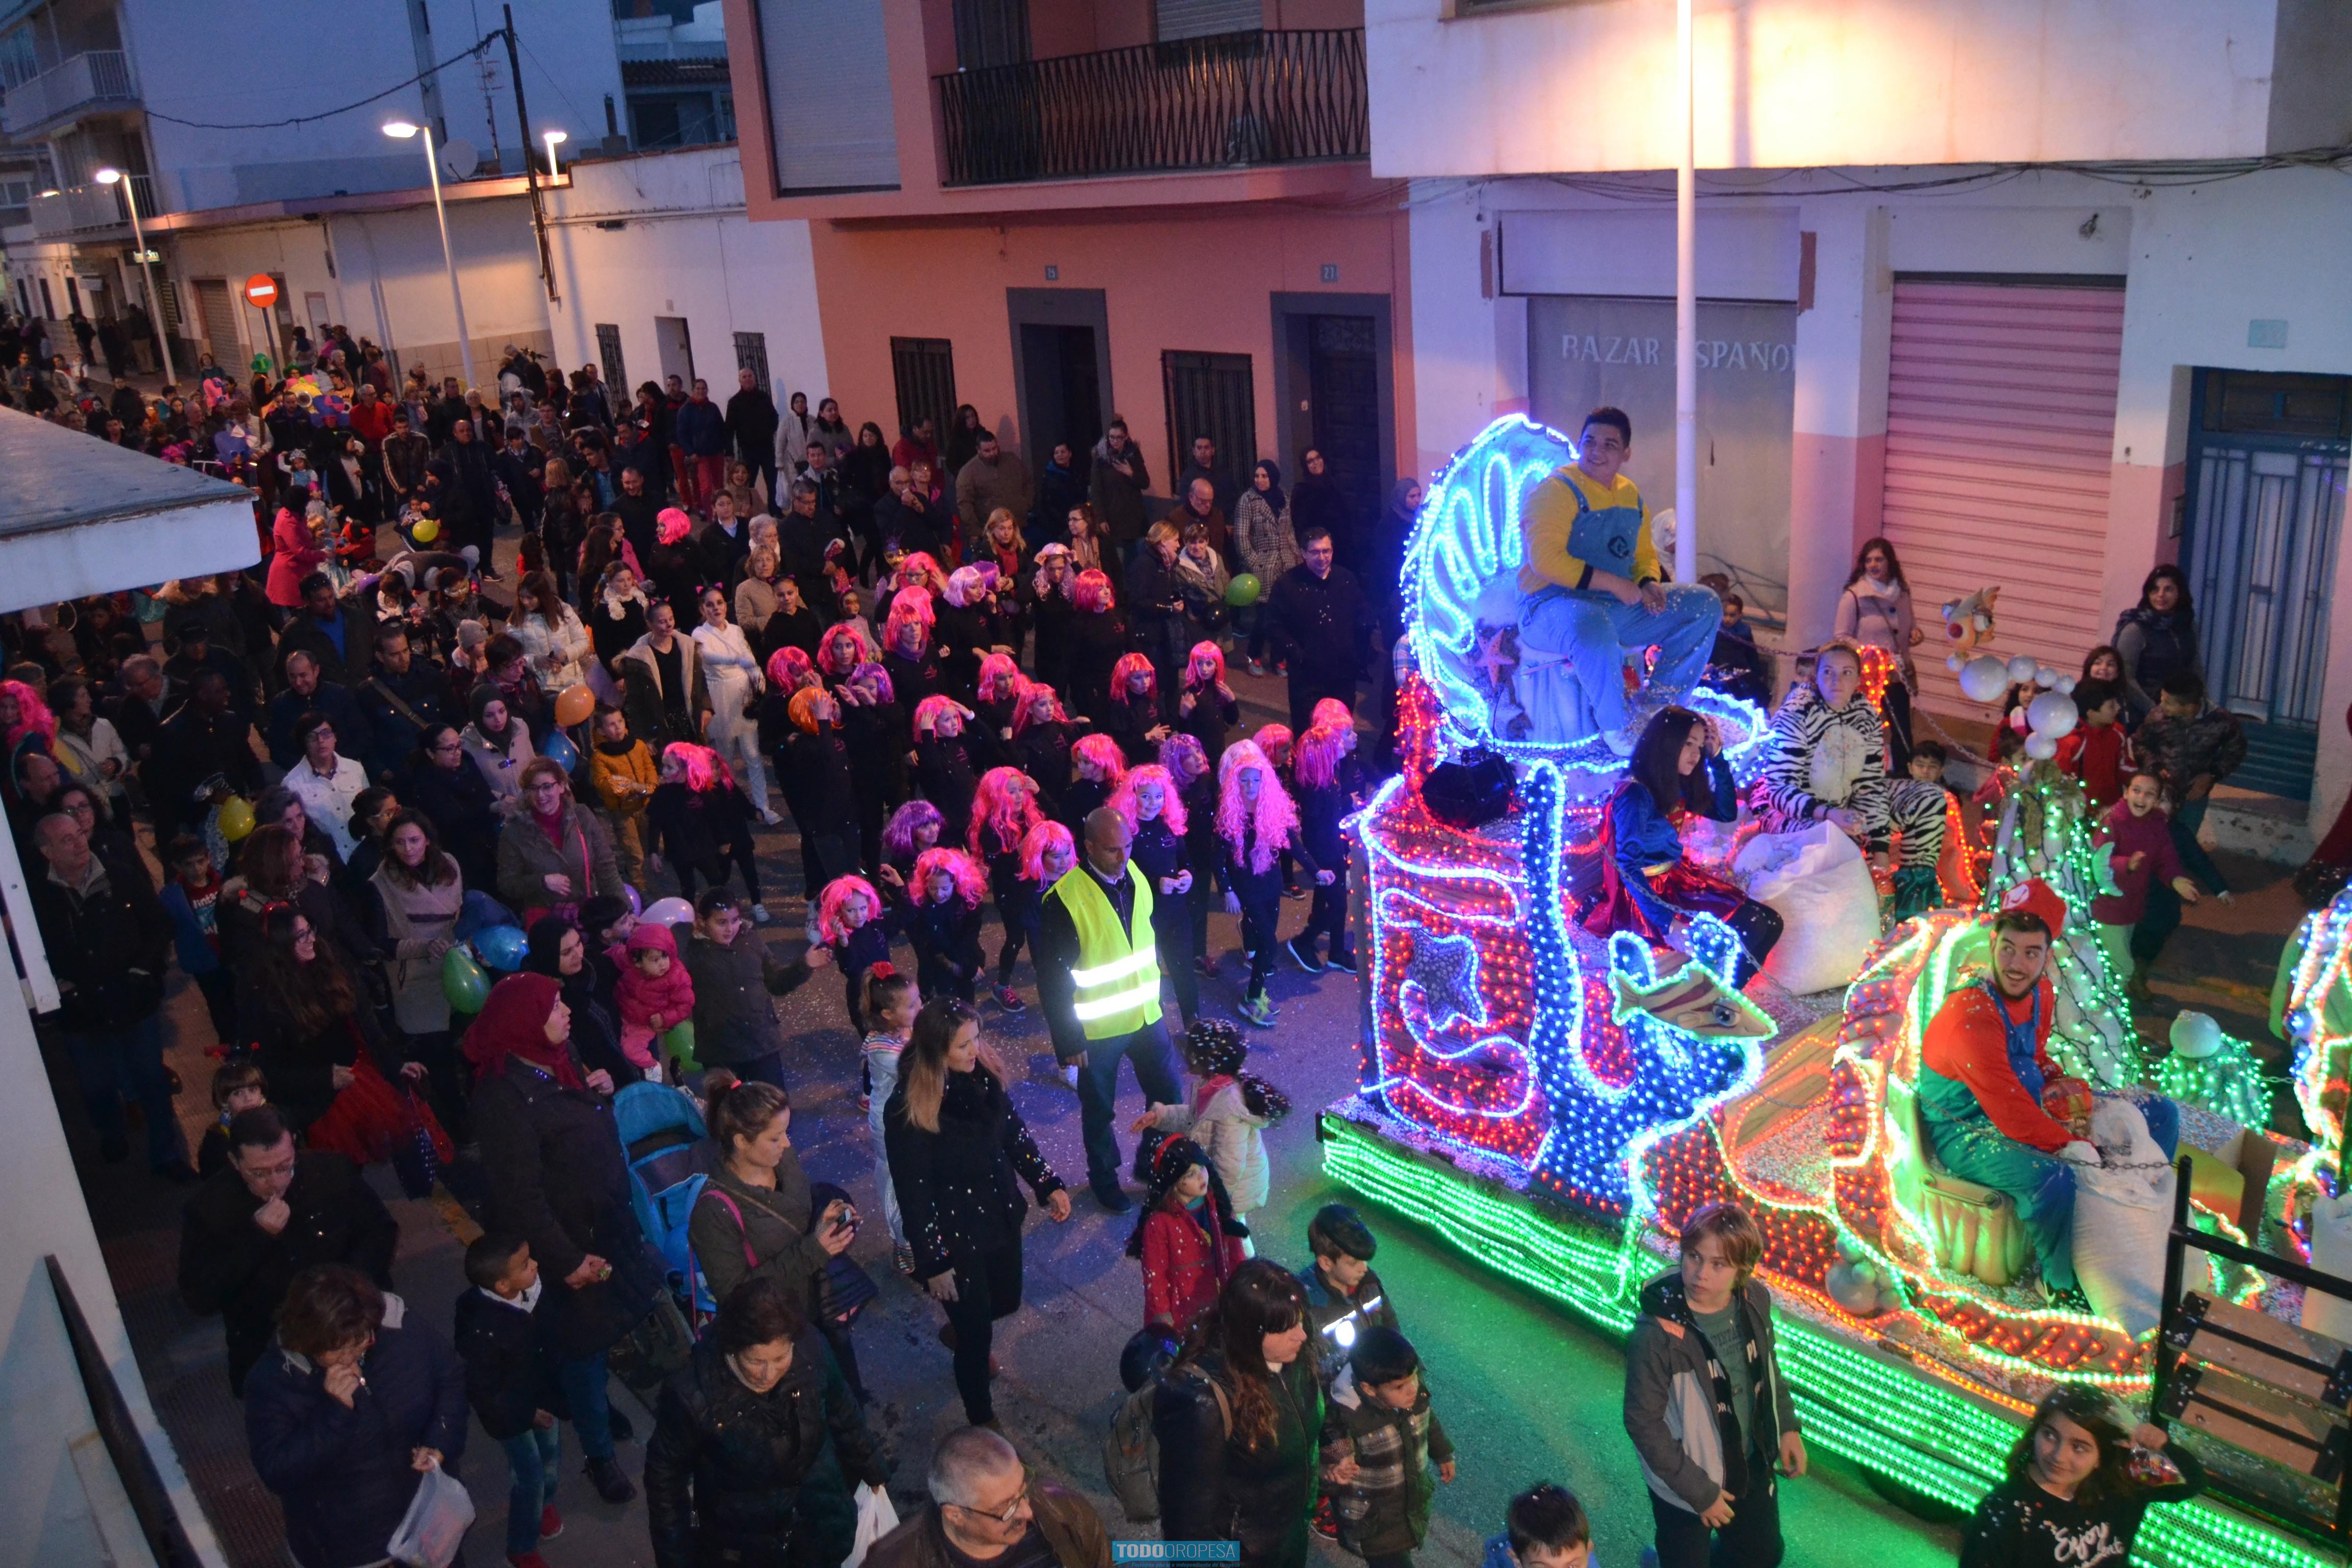 El desfile de disfraces de Carnaval llega este sábado a Oropesa del Mar